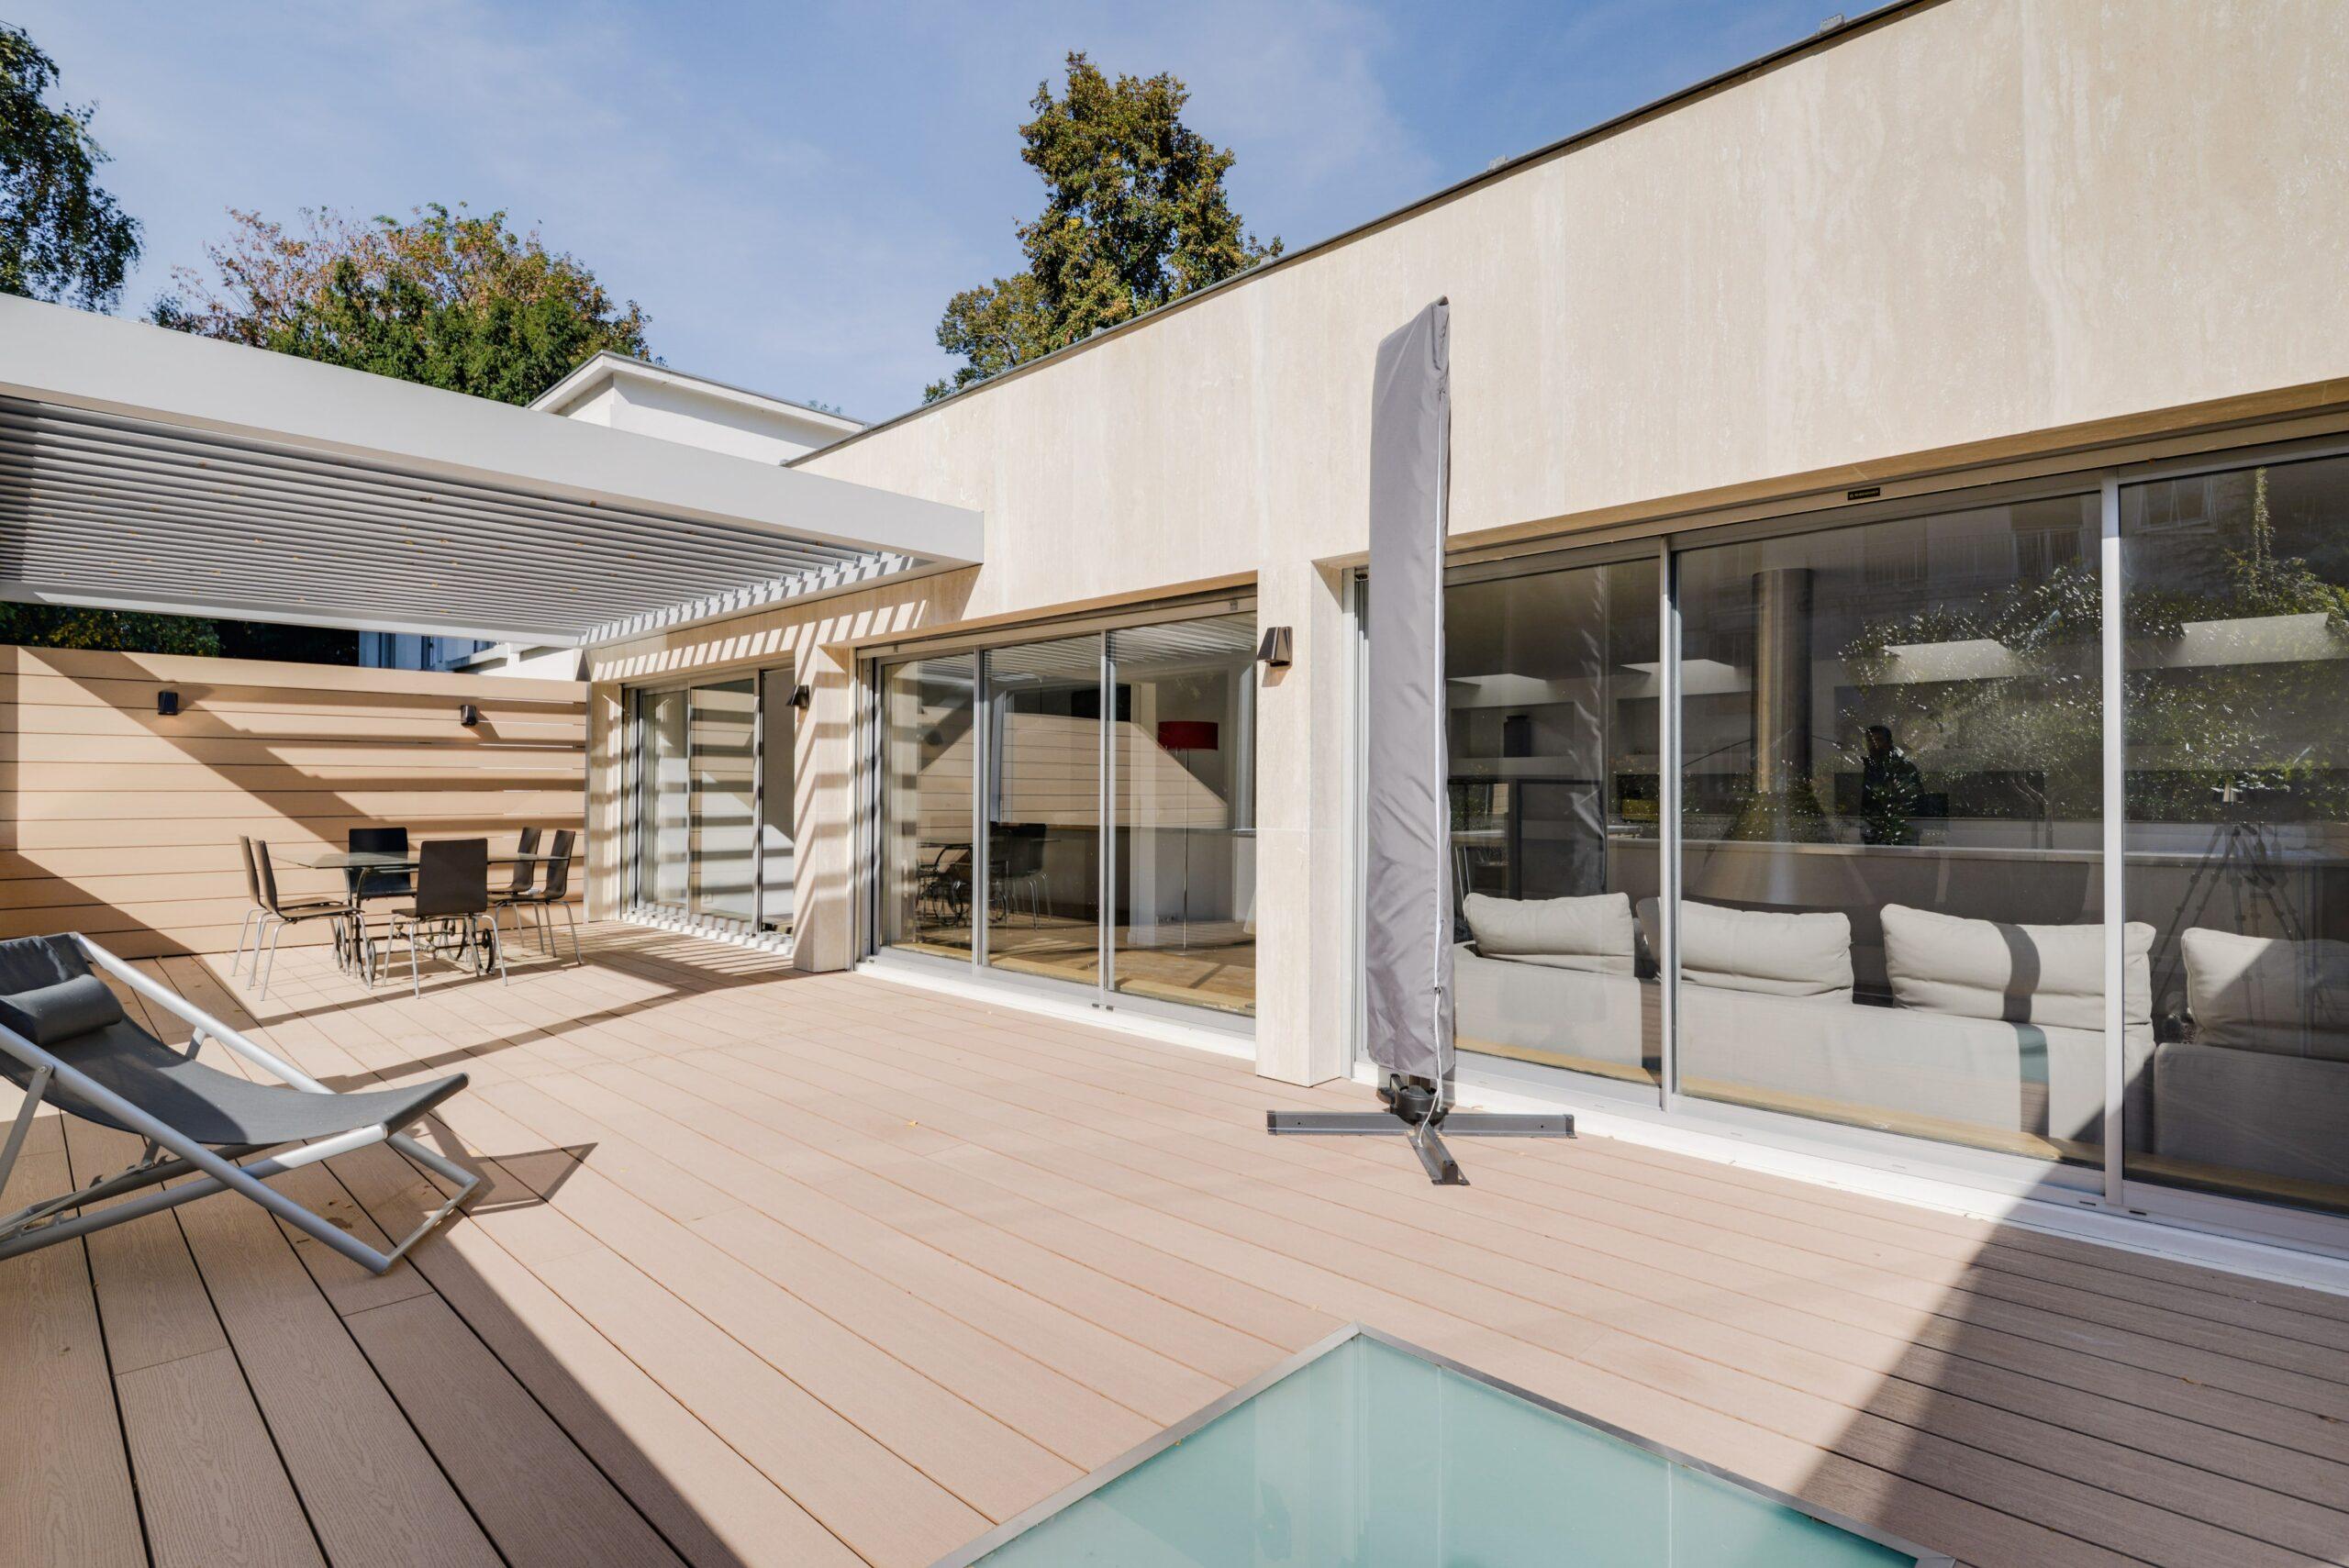 paris-16-renovation-appartement-duplex-terrasses-patios-architecture-interieur-favresse-architectes-01-min